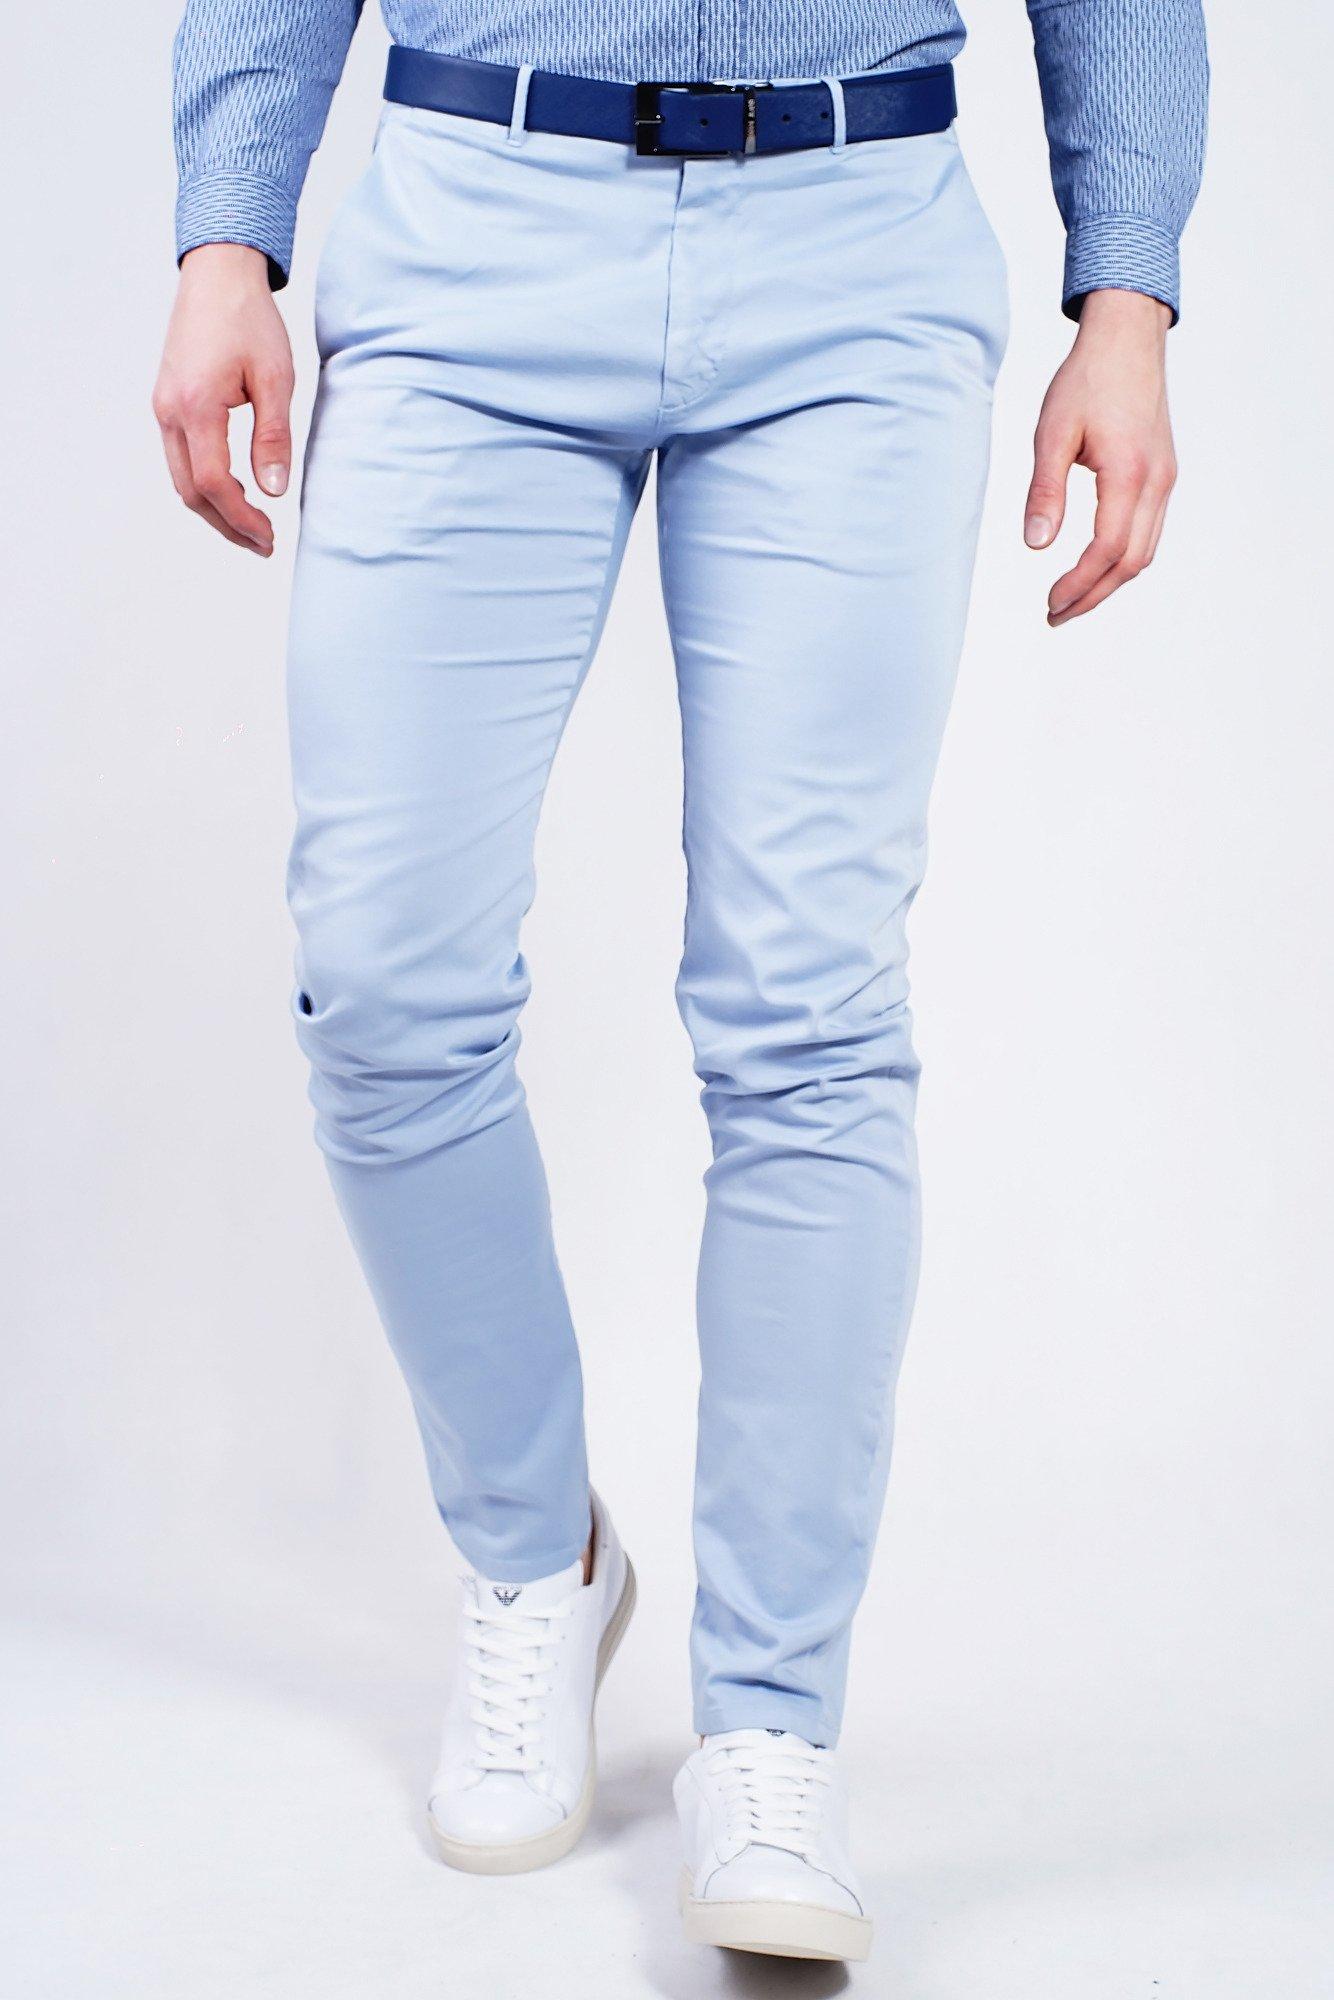 Zobacz modne Spodnie męskie - Najwięcej ofert w jednym miejscu. Radość zakupów i % bezpieczeństwa dla każdej transakcji. Kup Teraz!